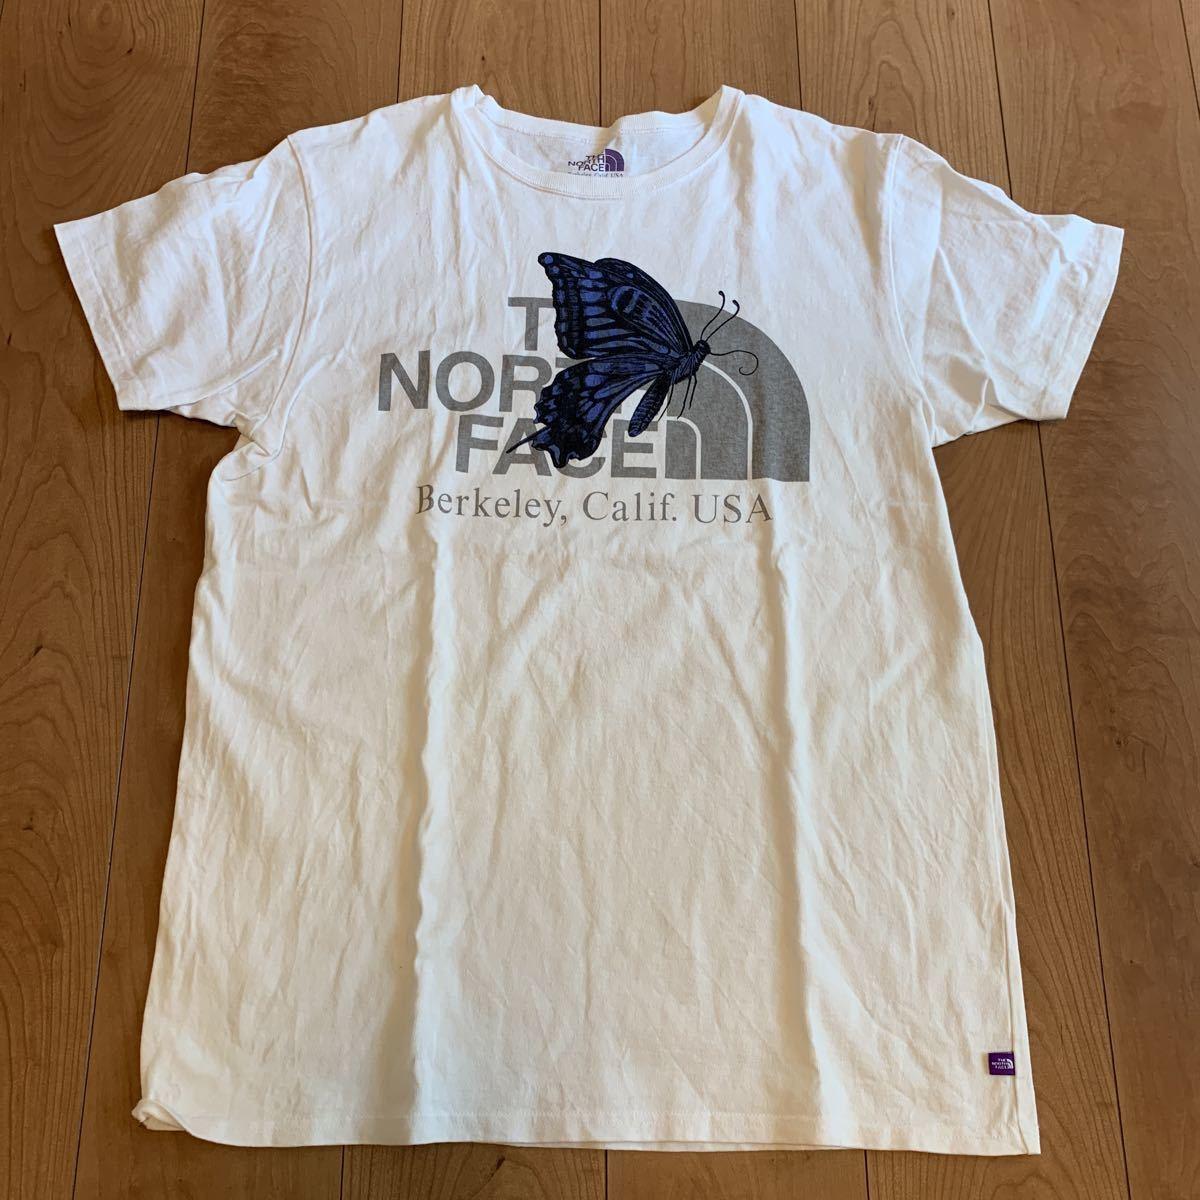 THE NORTH FACE PURPLE LABEL/ノースフェイス パープルレーベル/Graphic Tee/グラフィック/nanamica/ナナミカ/NT3618N/半袖Tシャツ/M